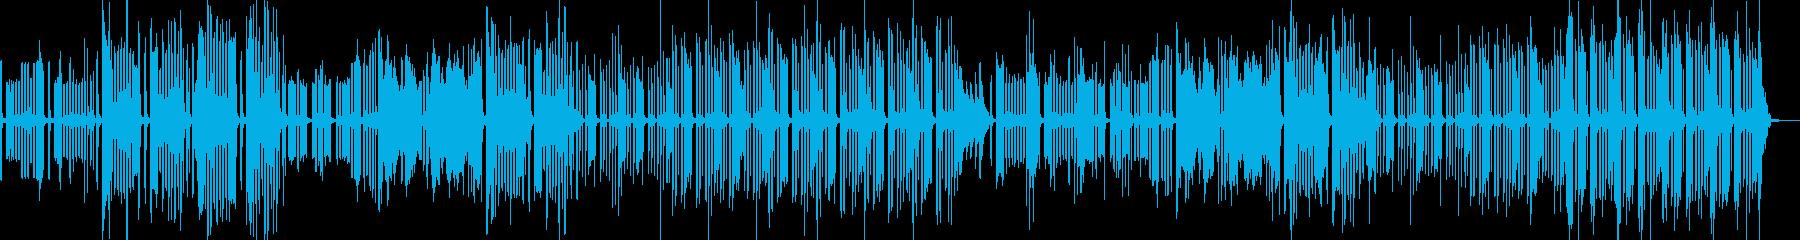 カッコ悪いシーンに・コミカルポップ B2の再生済みの波形